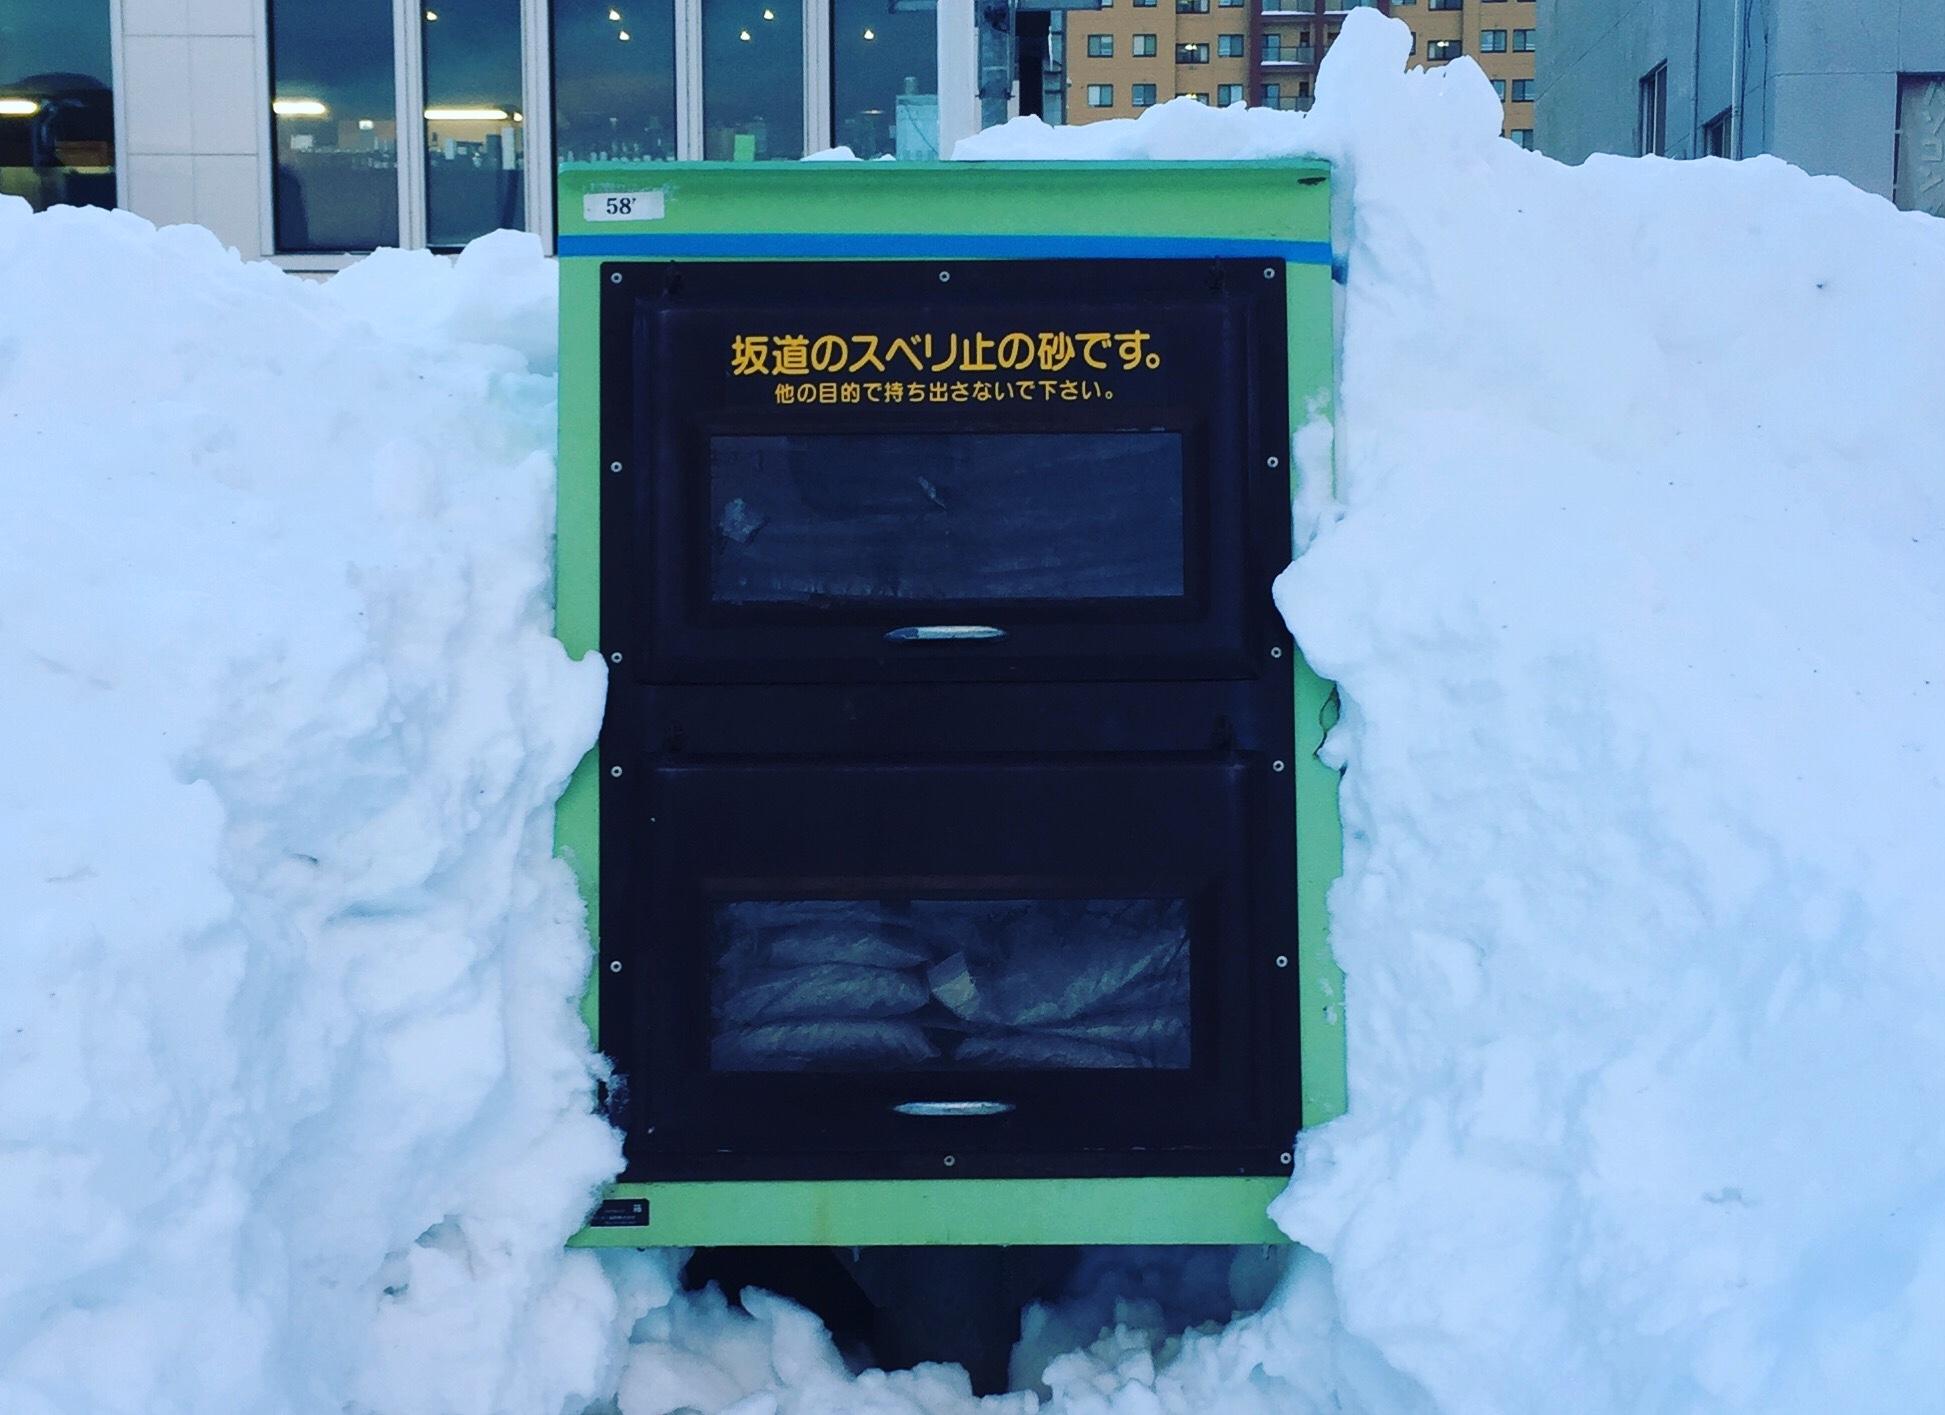 雪に埋まった常設の砂箱